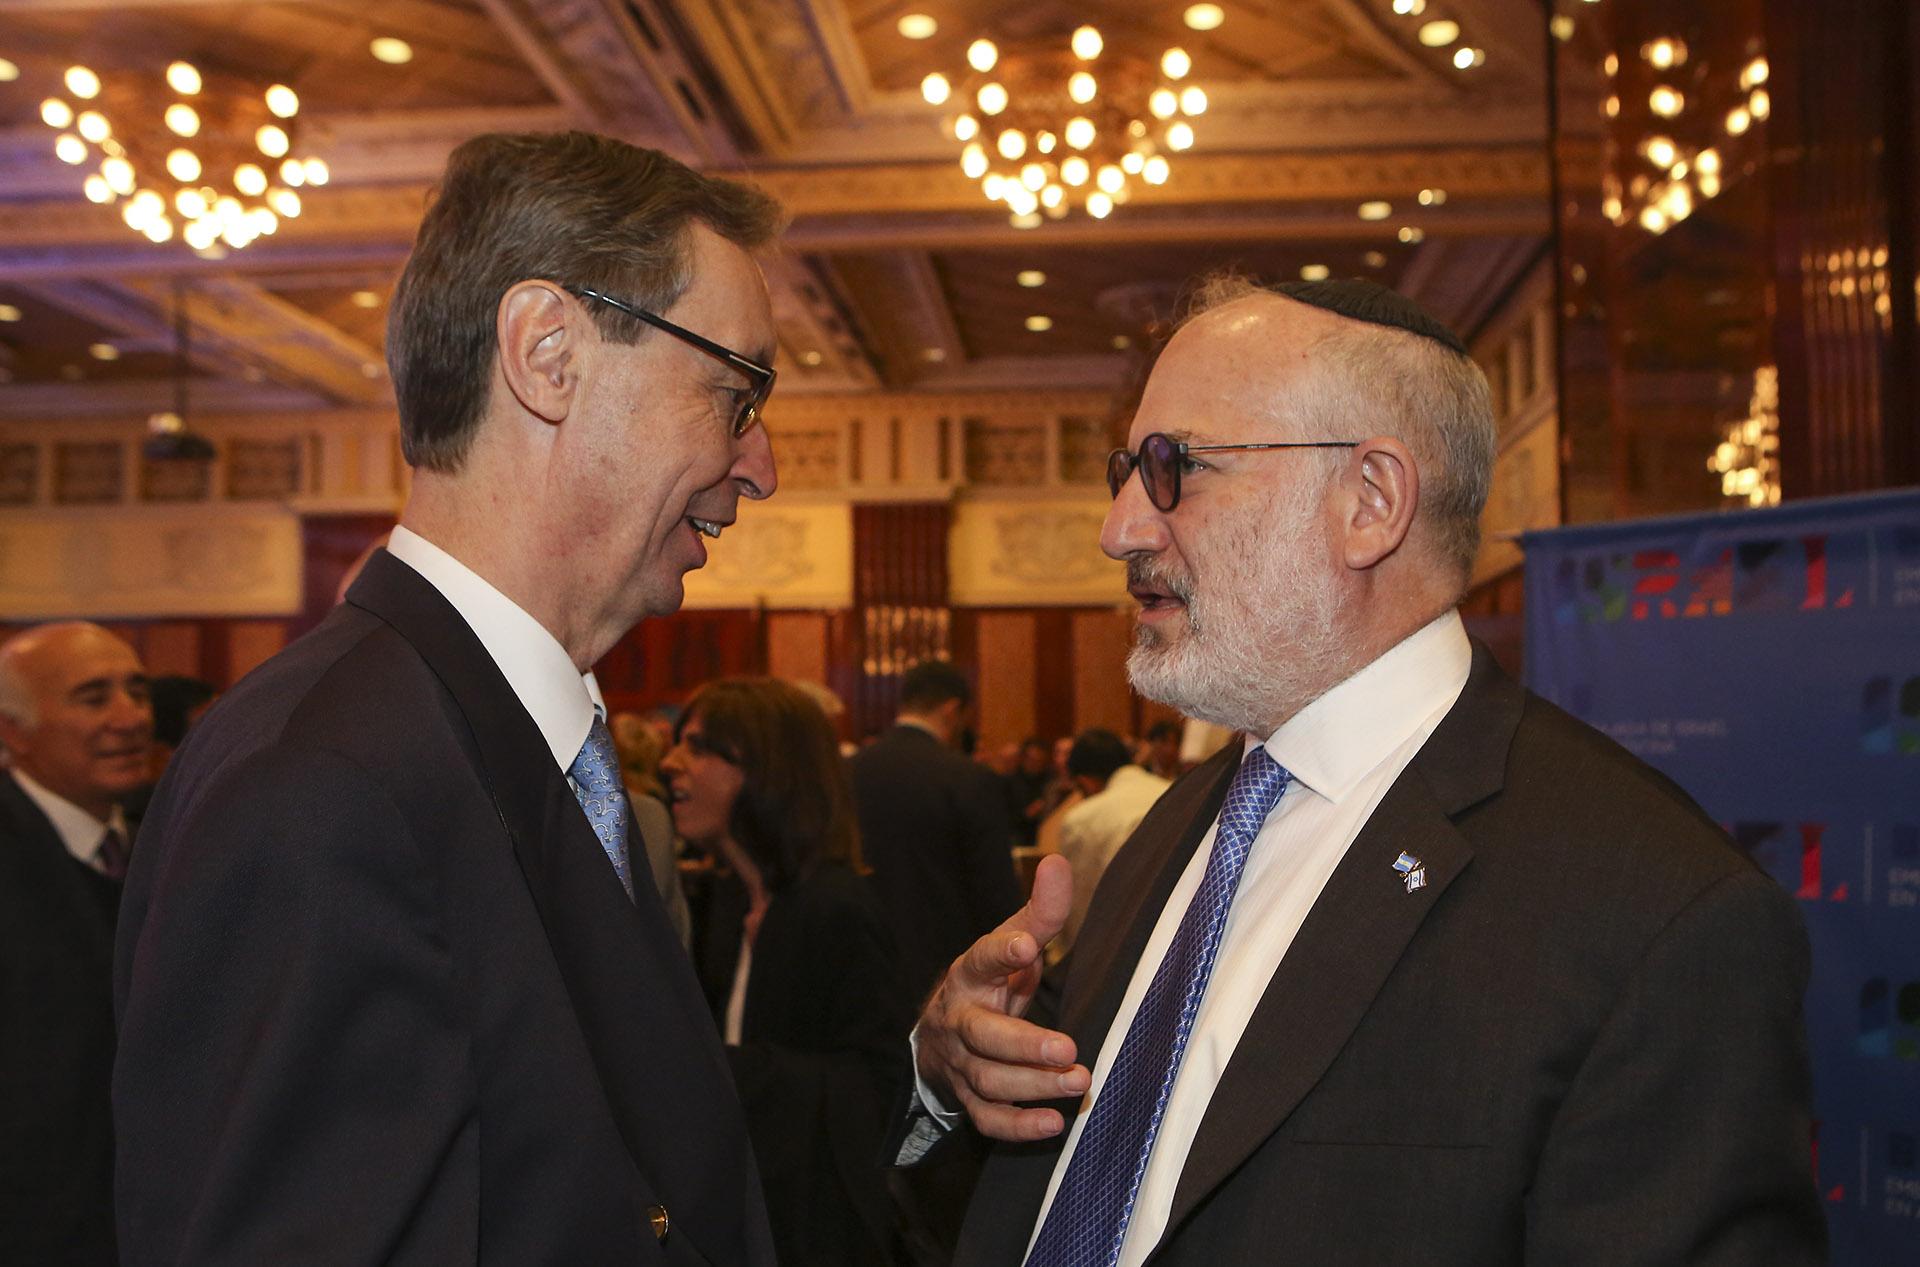 El embajador de Alemania en la Argentina, Bernhard Graf von Waldersee, junto a Eduardo Elsztain, presidente de IRSA